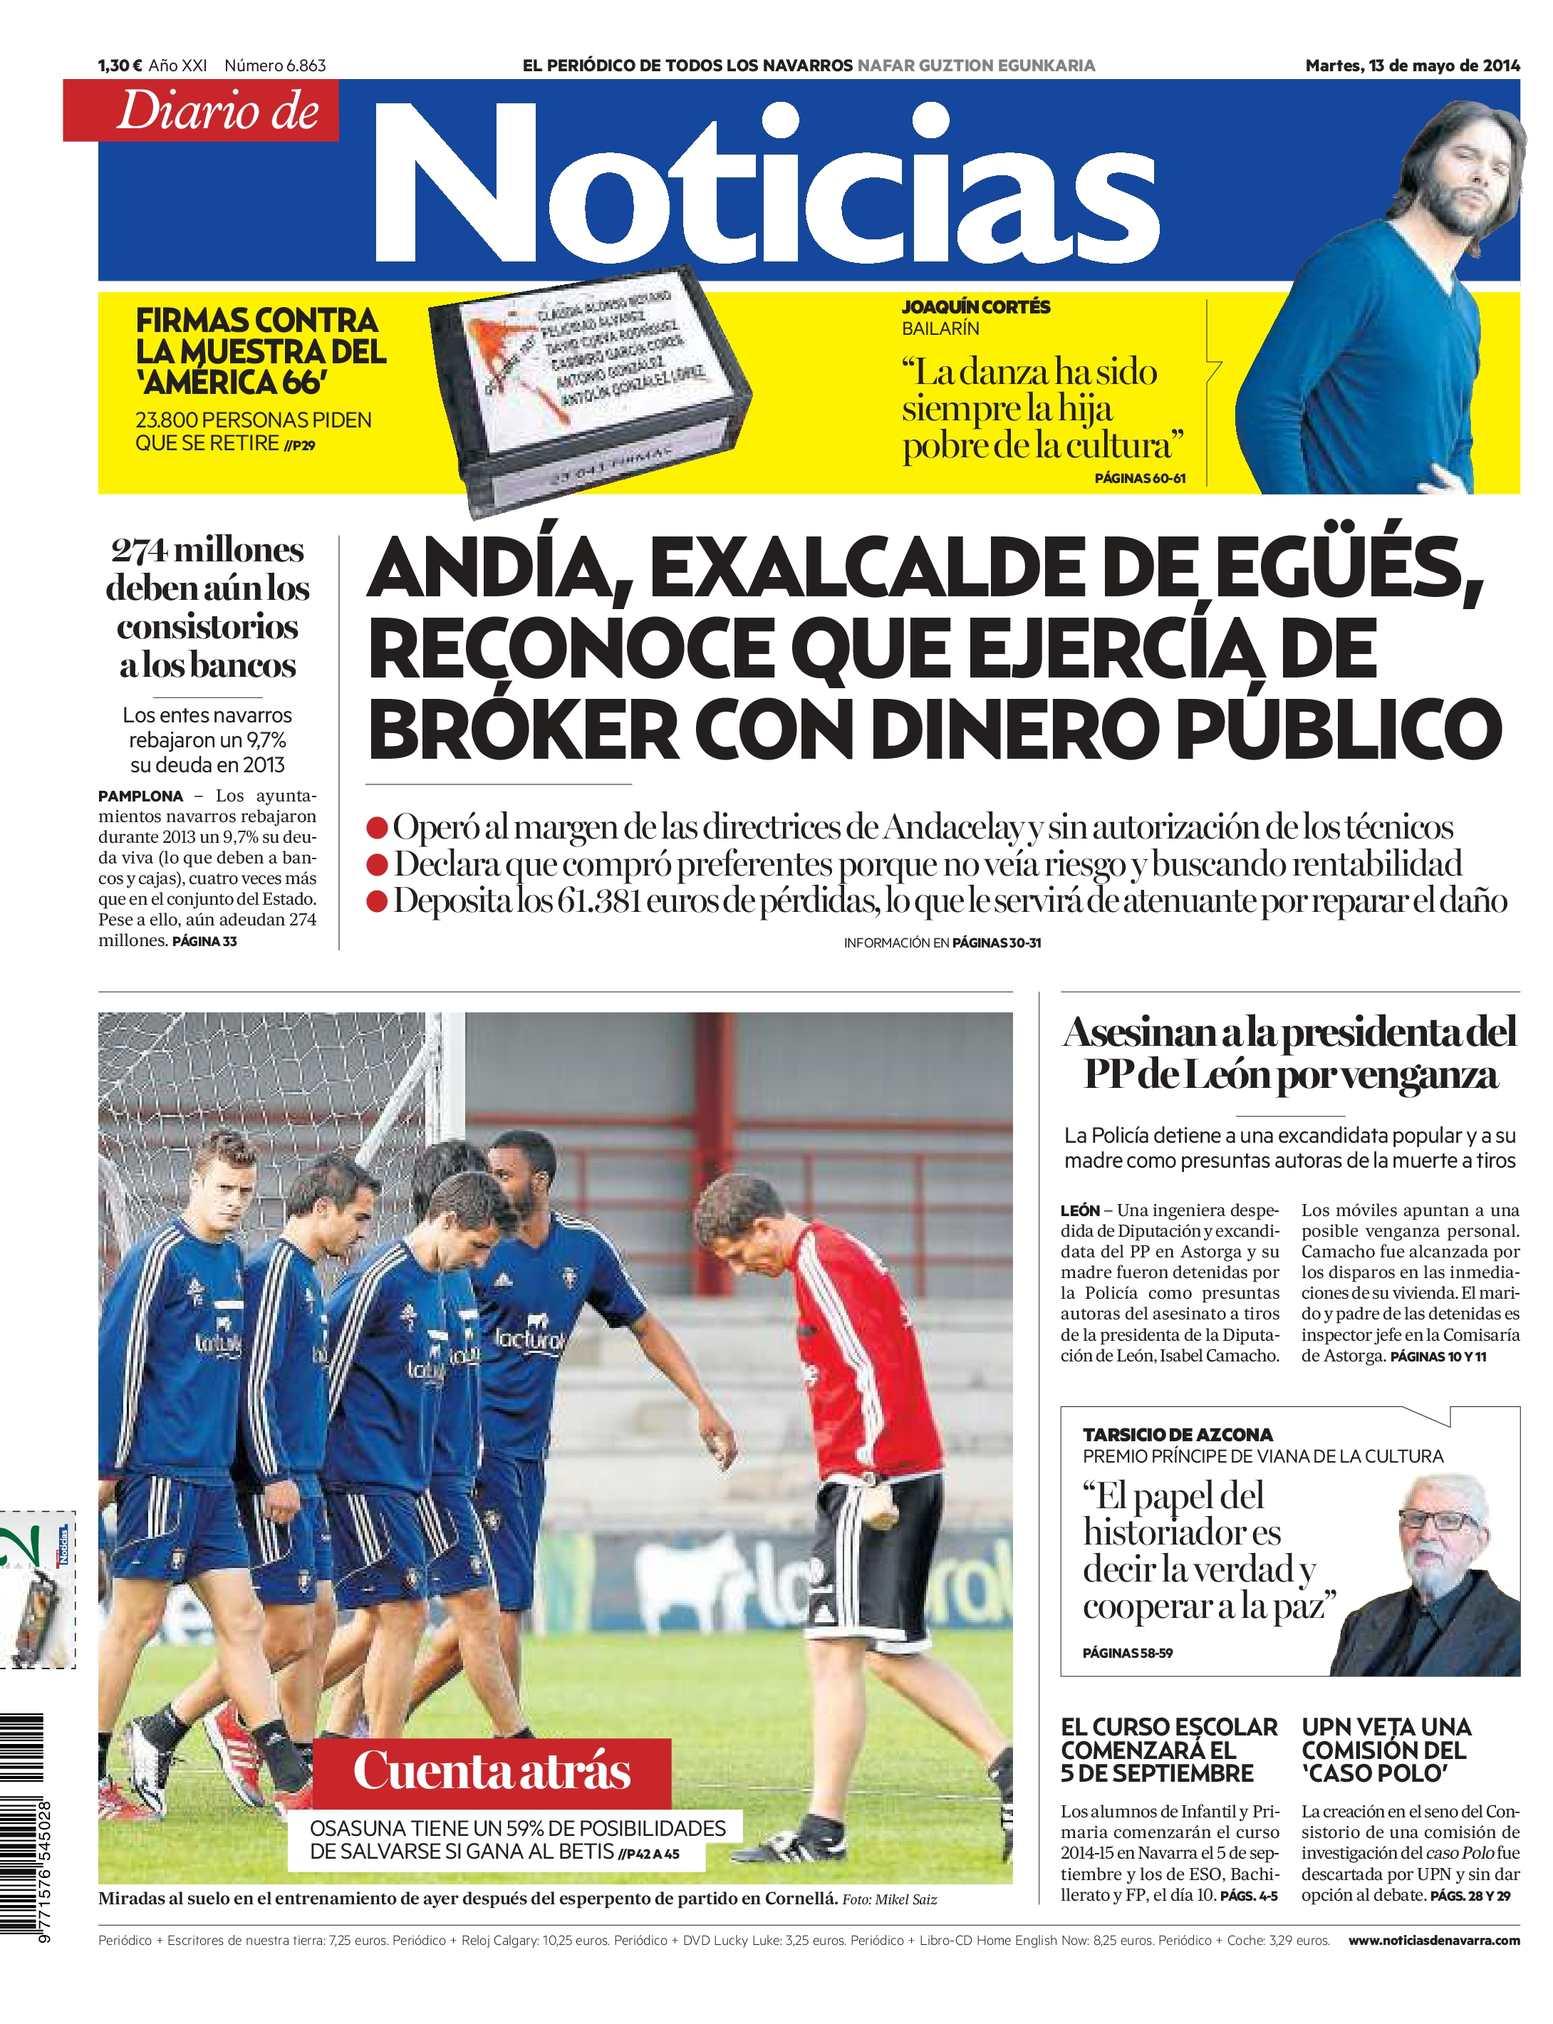 Calaméo - Diario de Noticias 20140513 713461aee1497